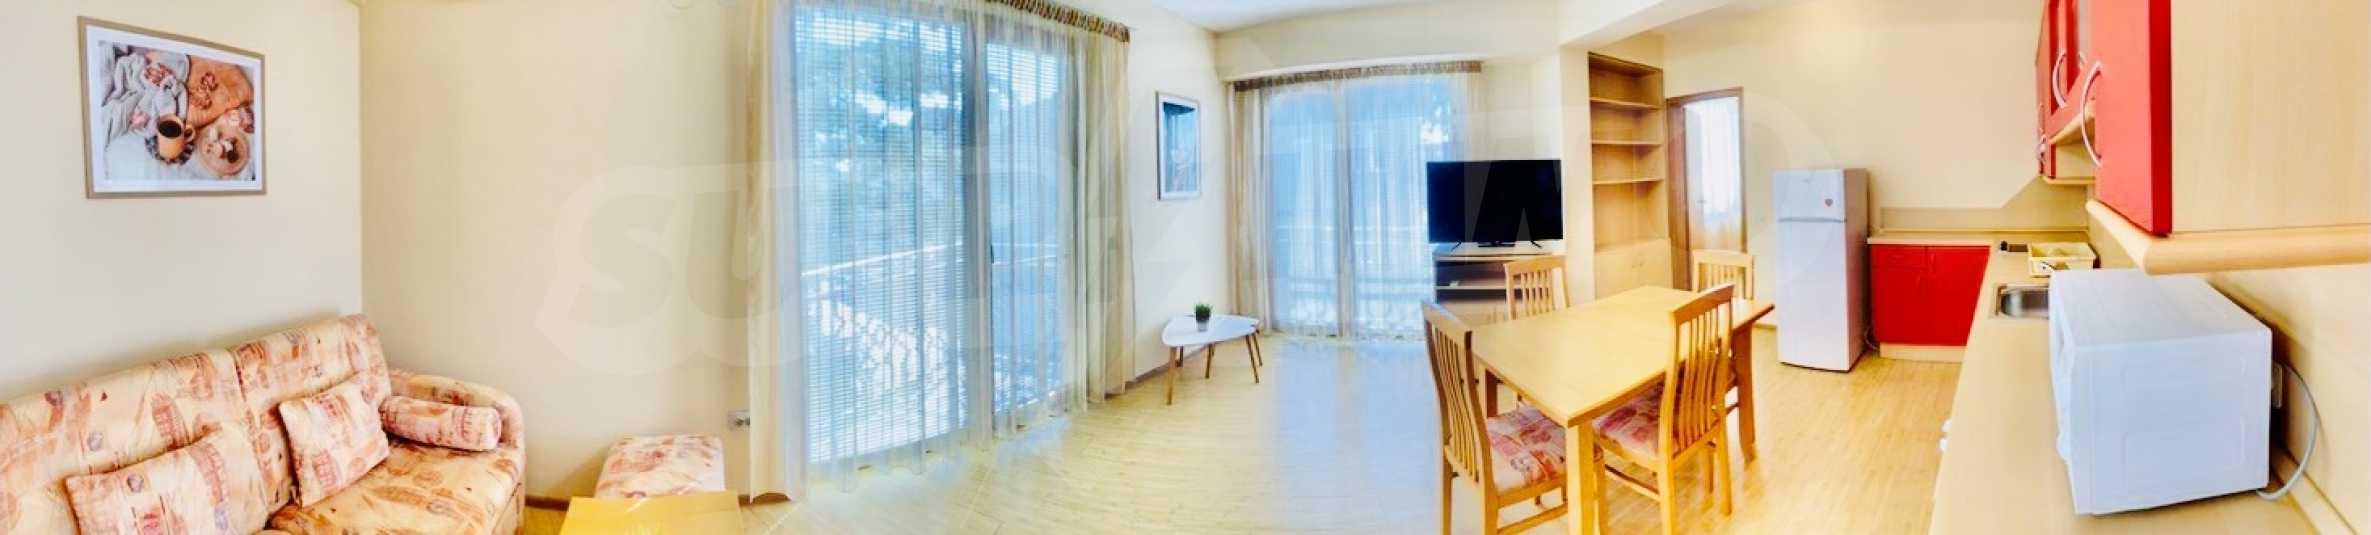 Ein-Zimmer-Wohnung zu vermieten im Zentrum von Veliko Tarnovo 1